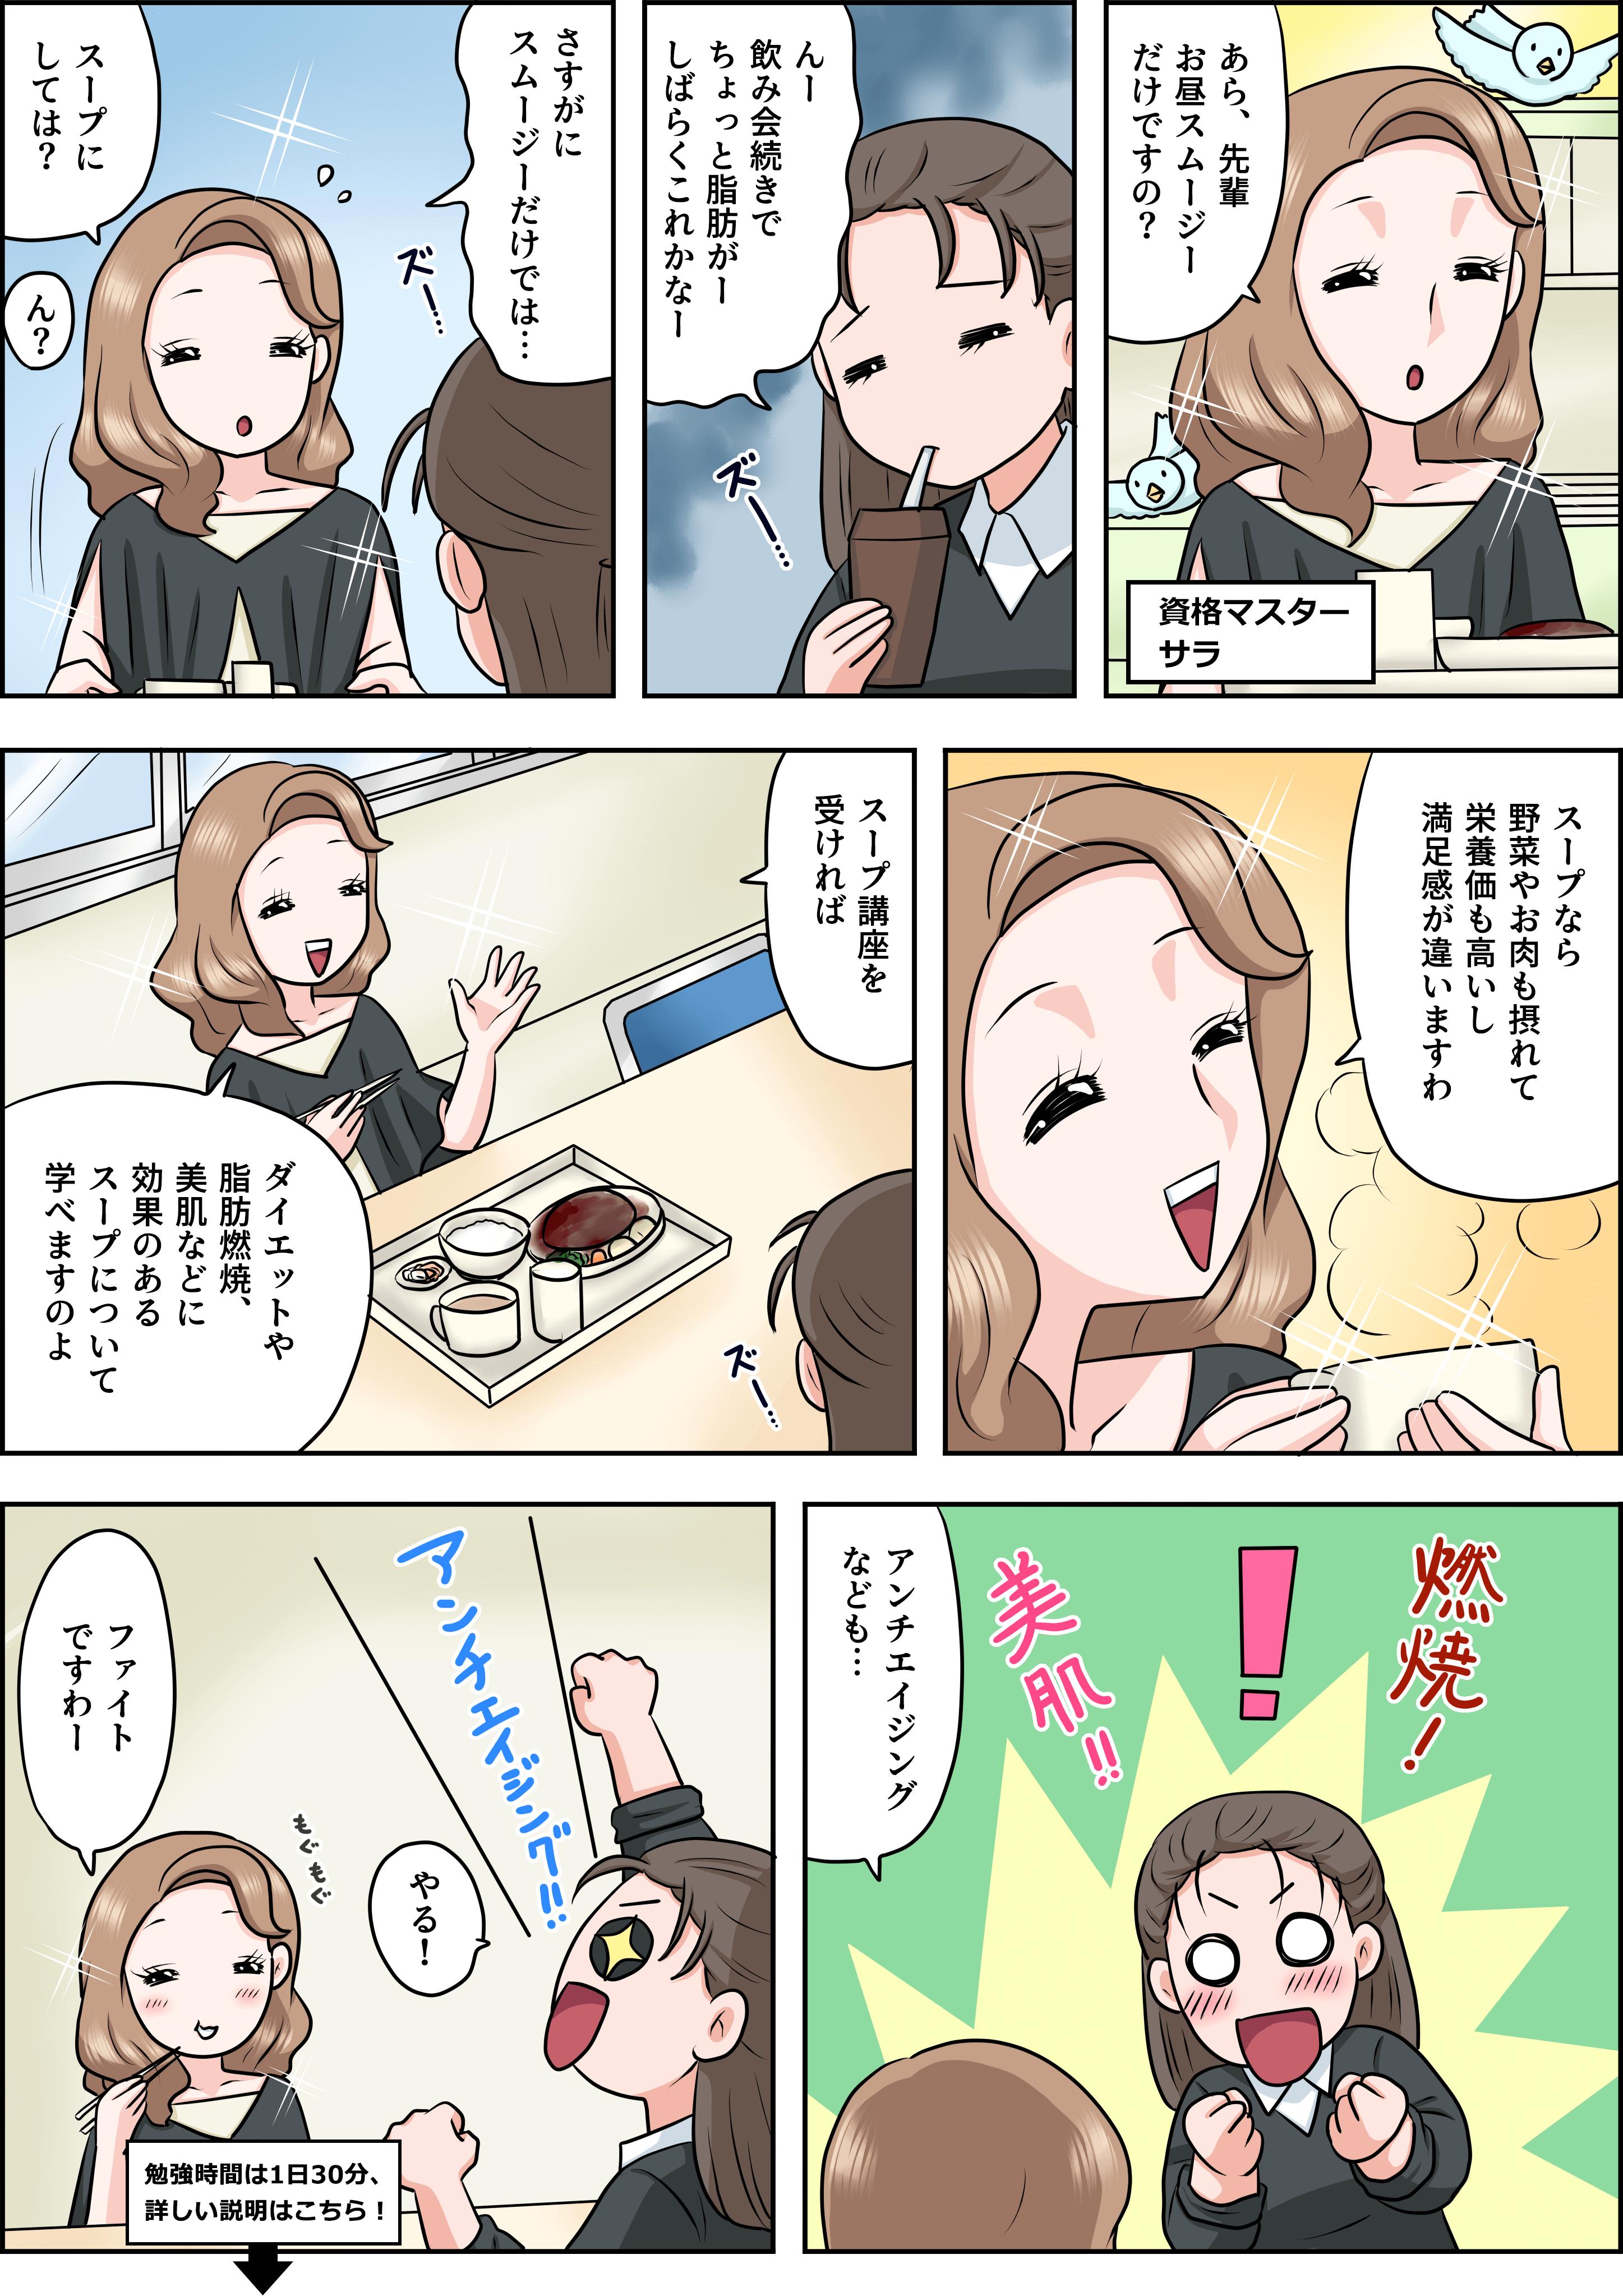 スープの漫画